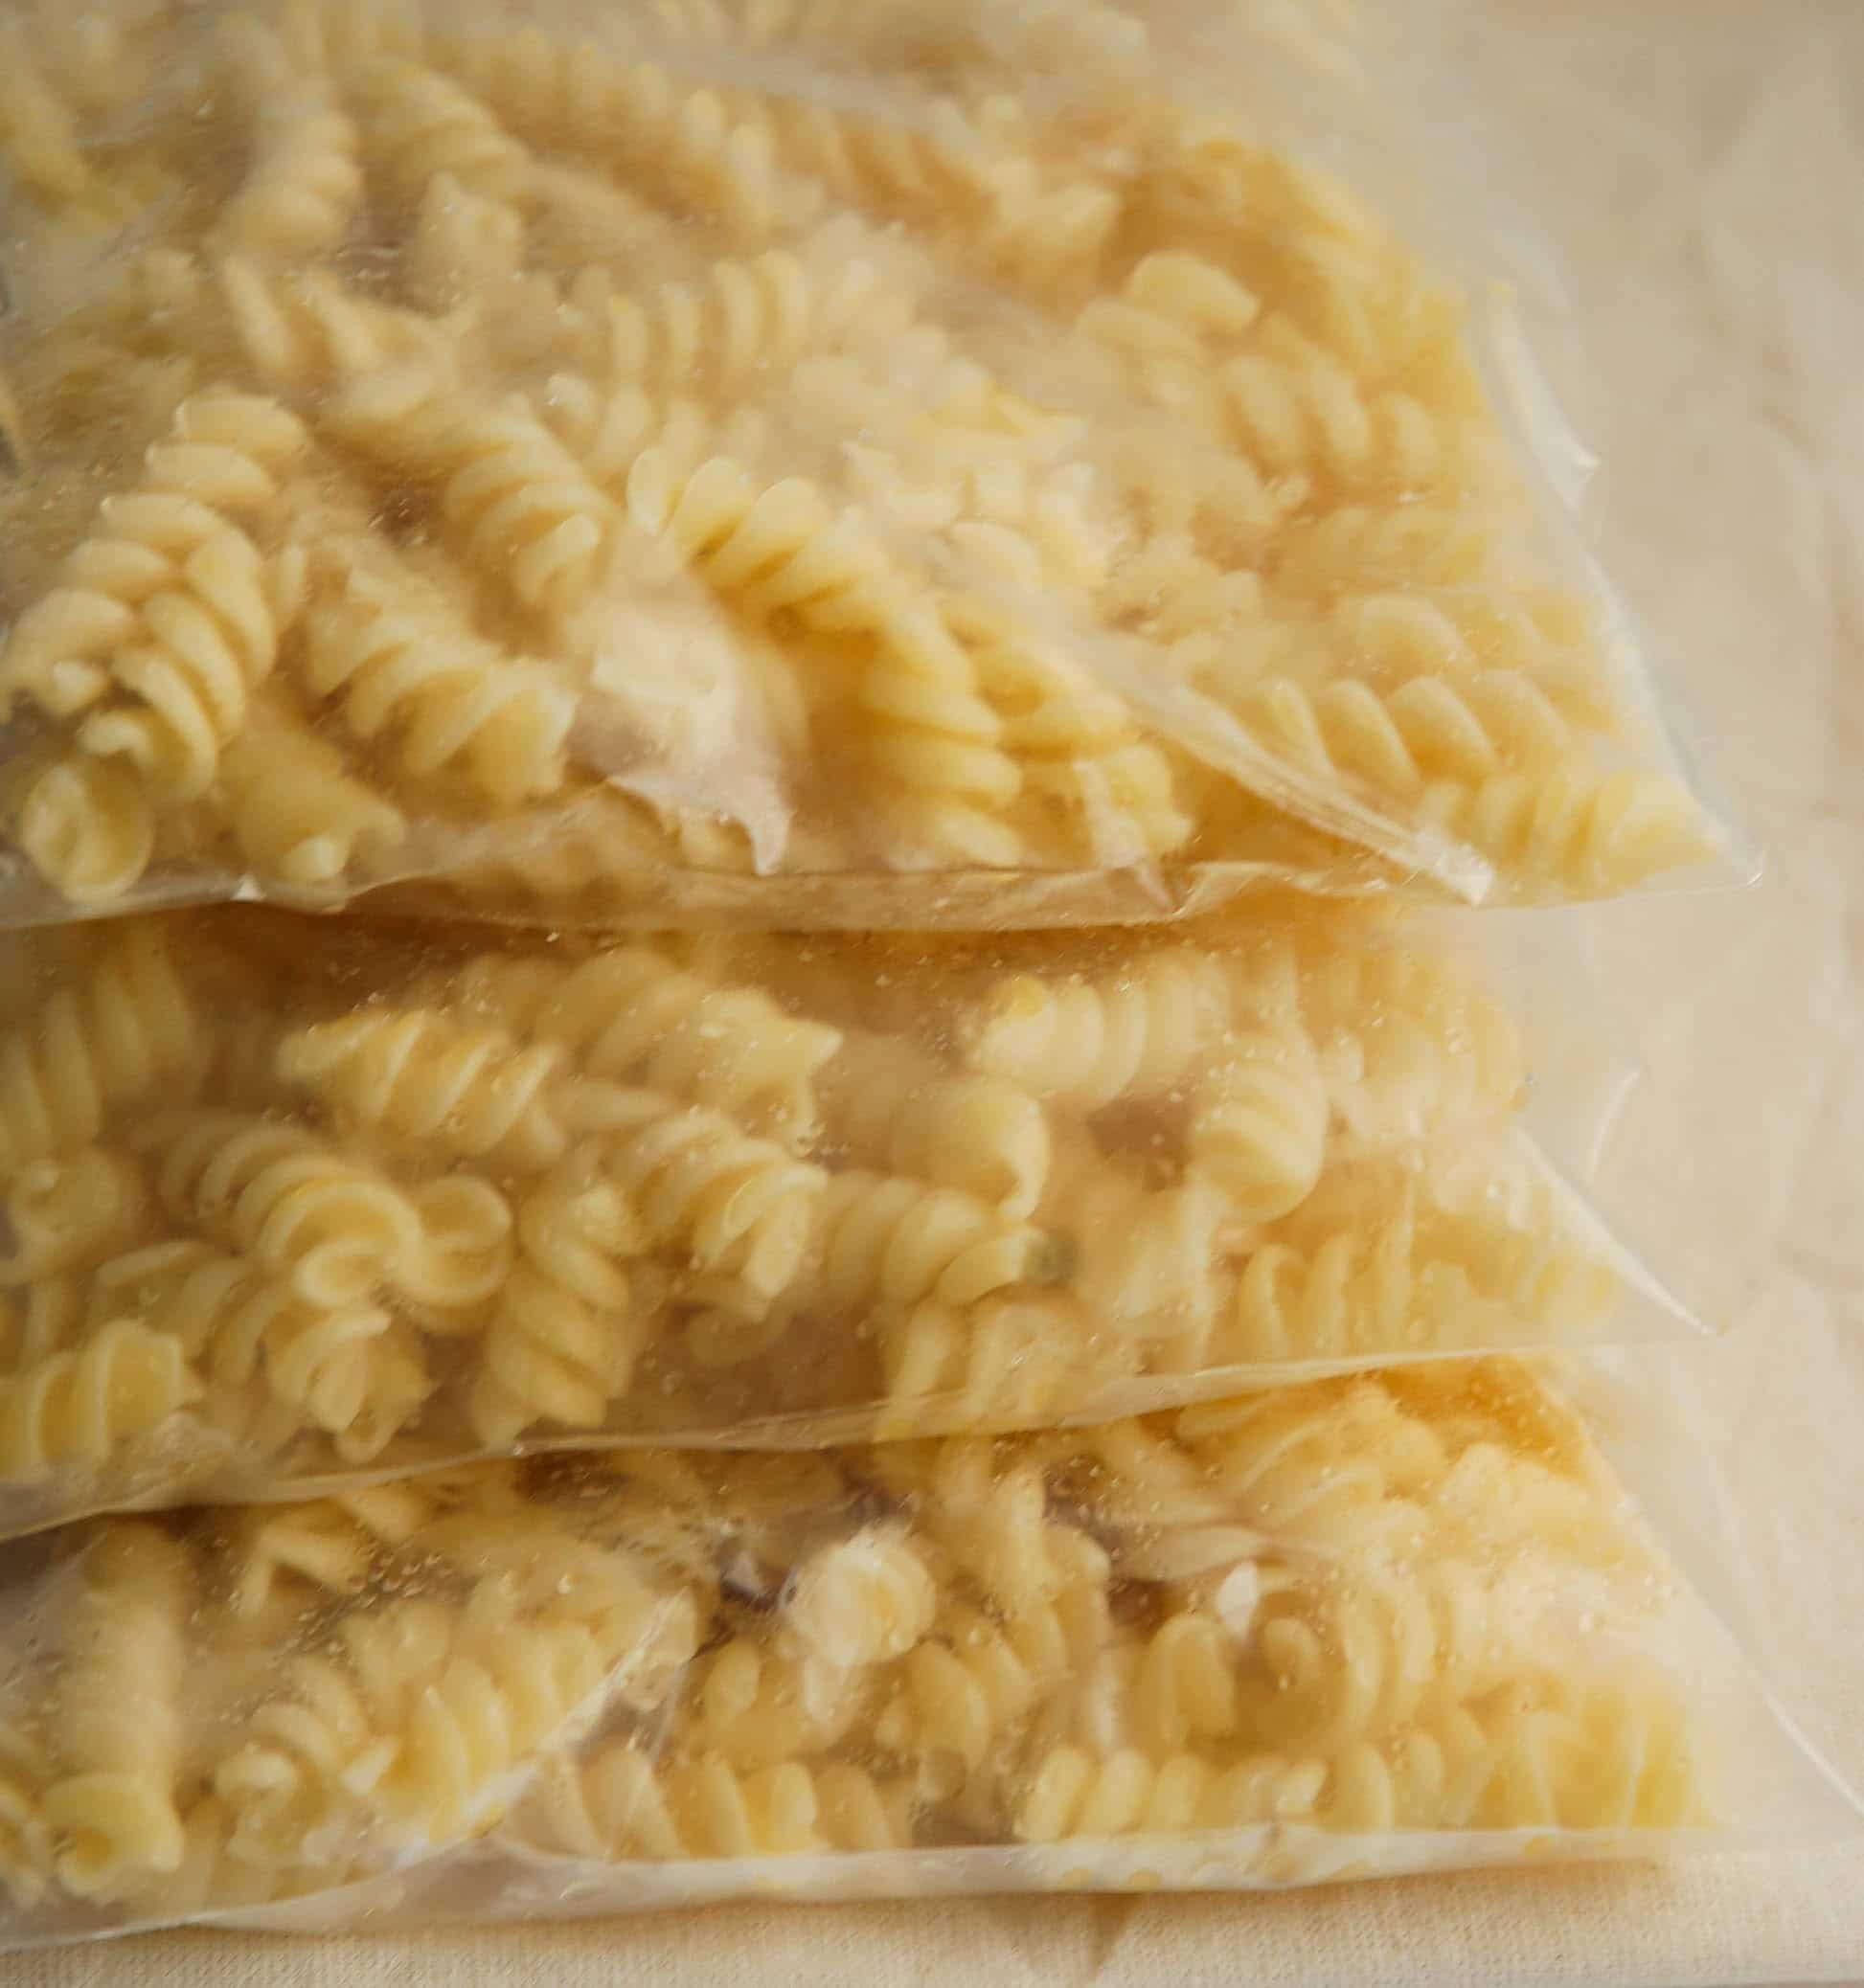 refeições congeladas - macarrão em minutosrefeições congeladas - macarrão em minutos